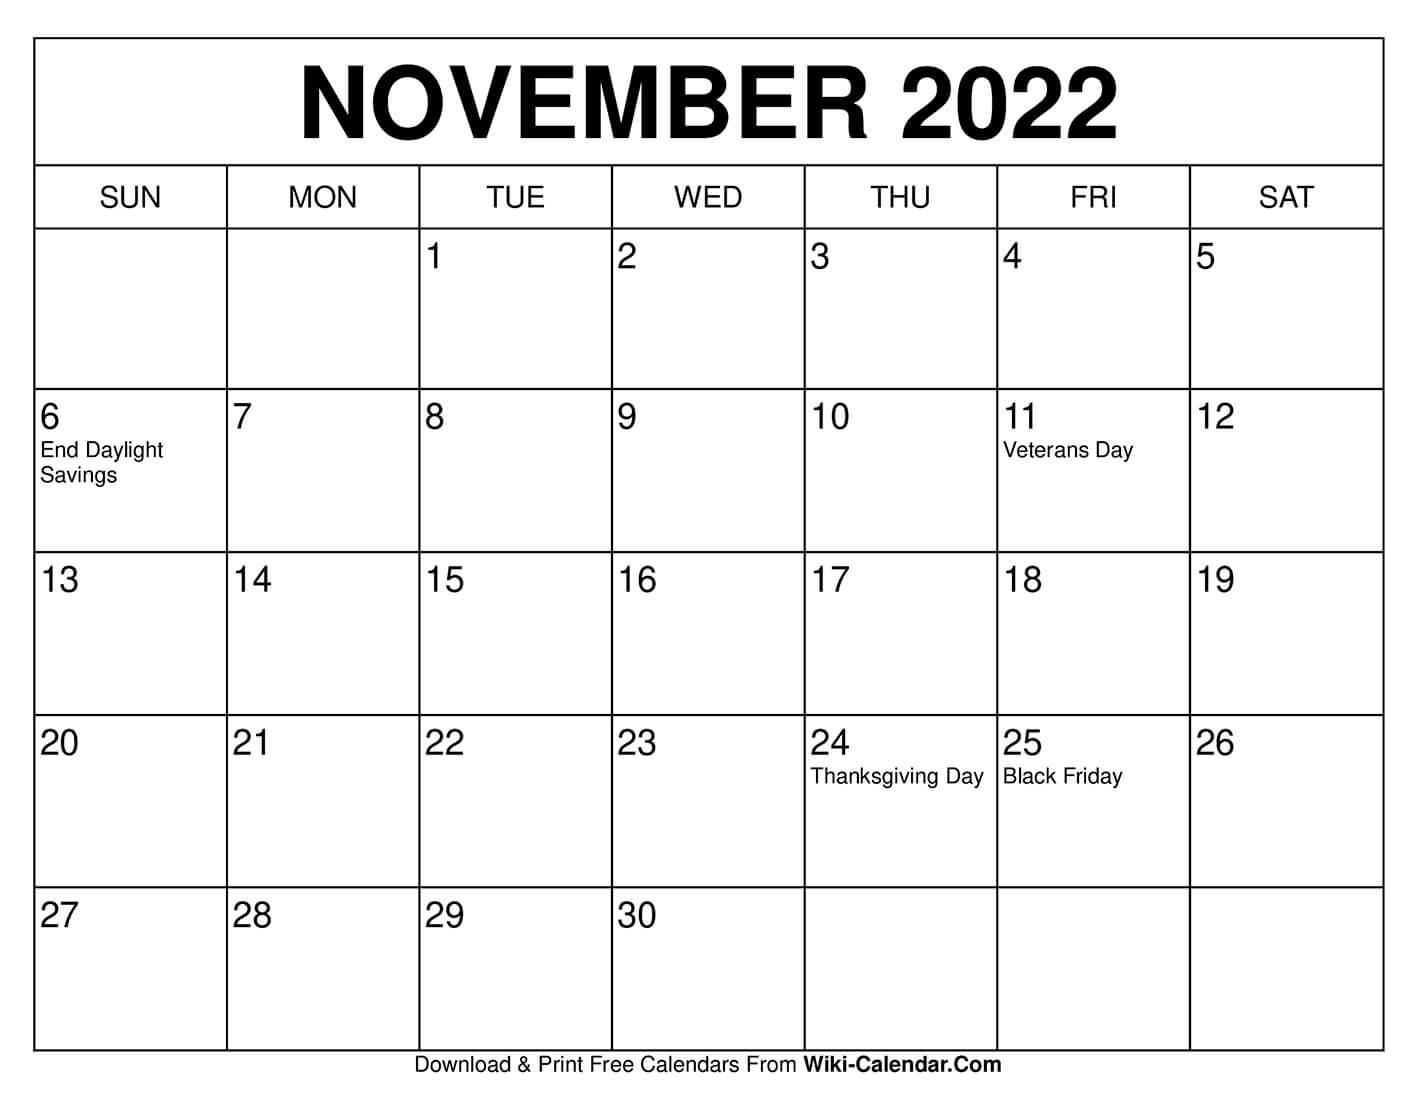 30 Days Calendar Template from www.wiki-calendar.com